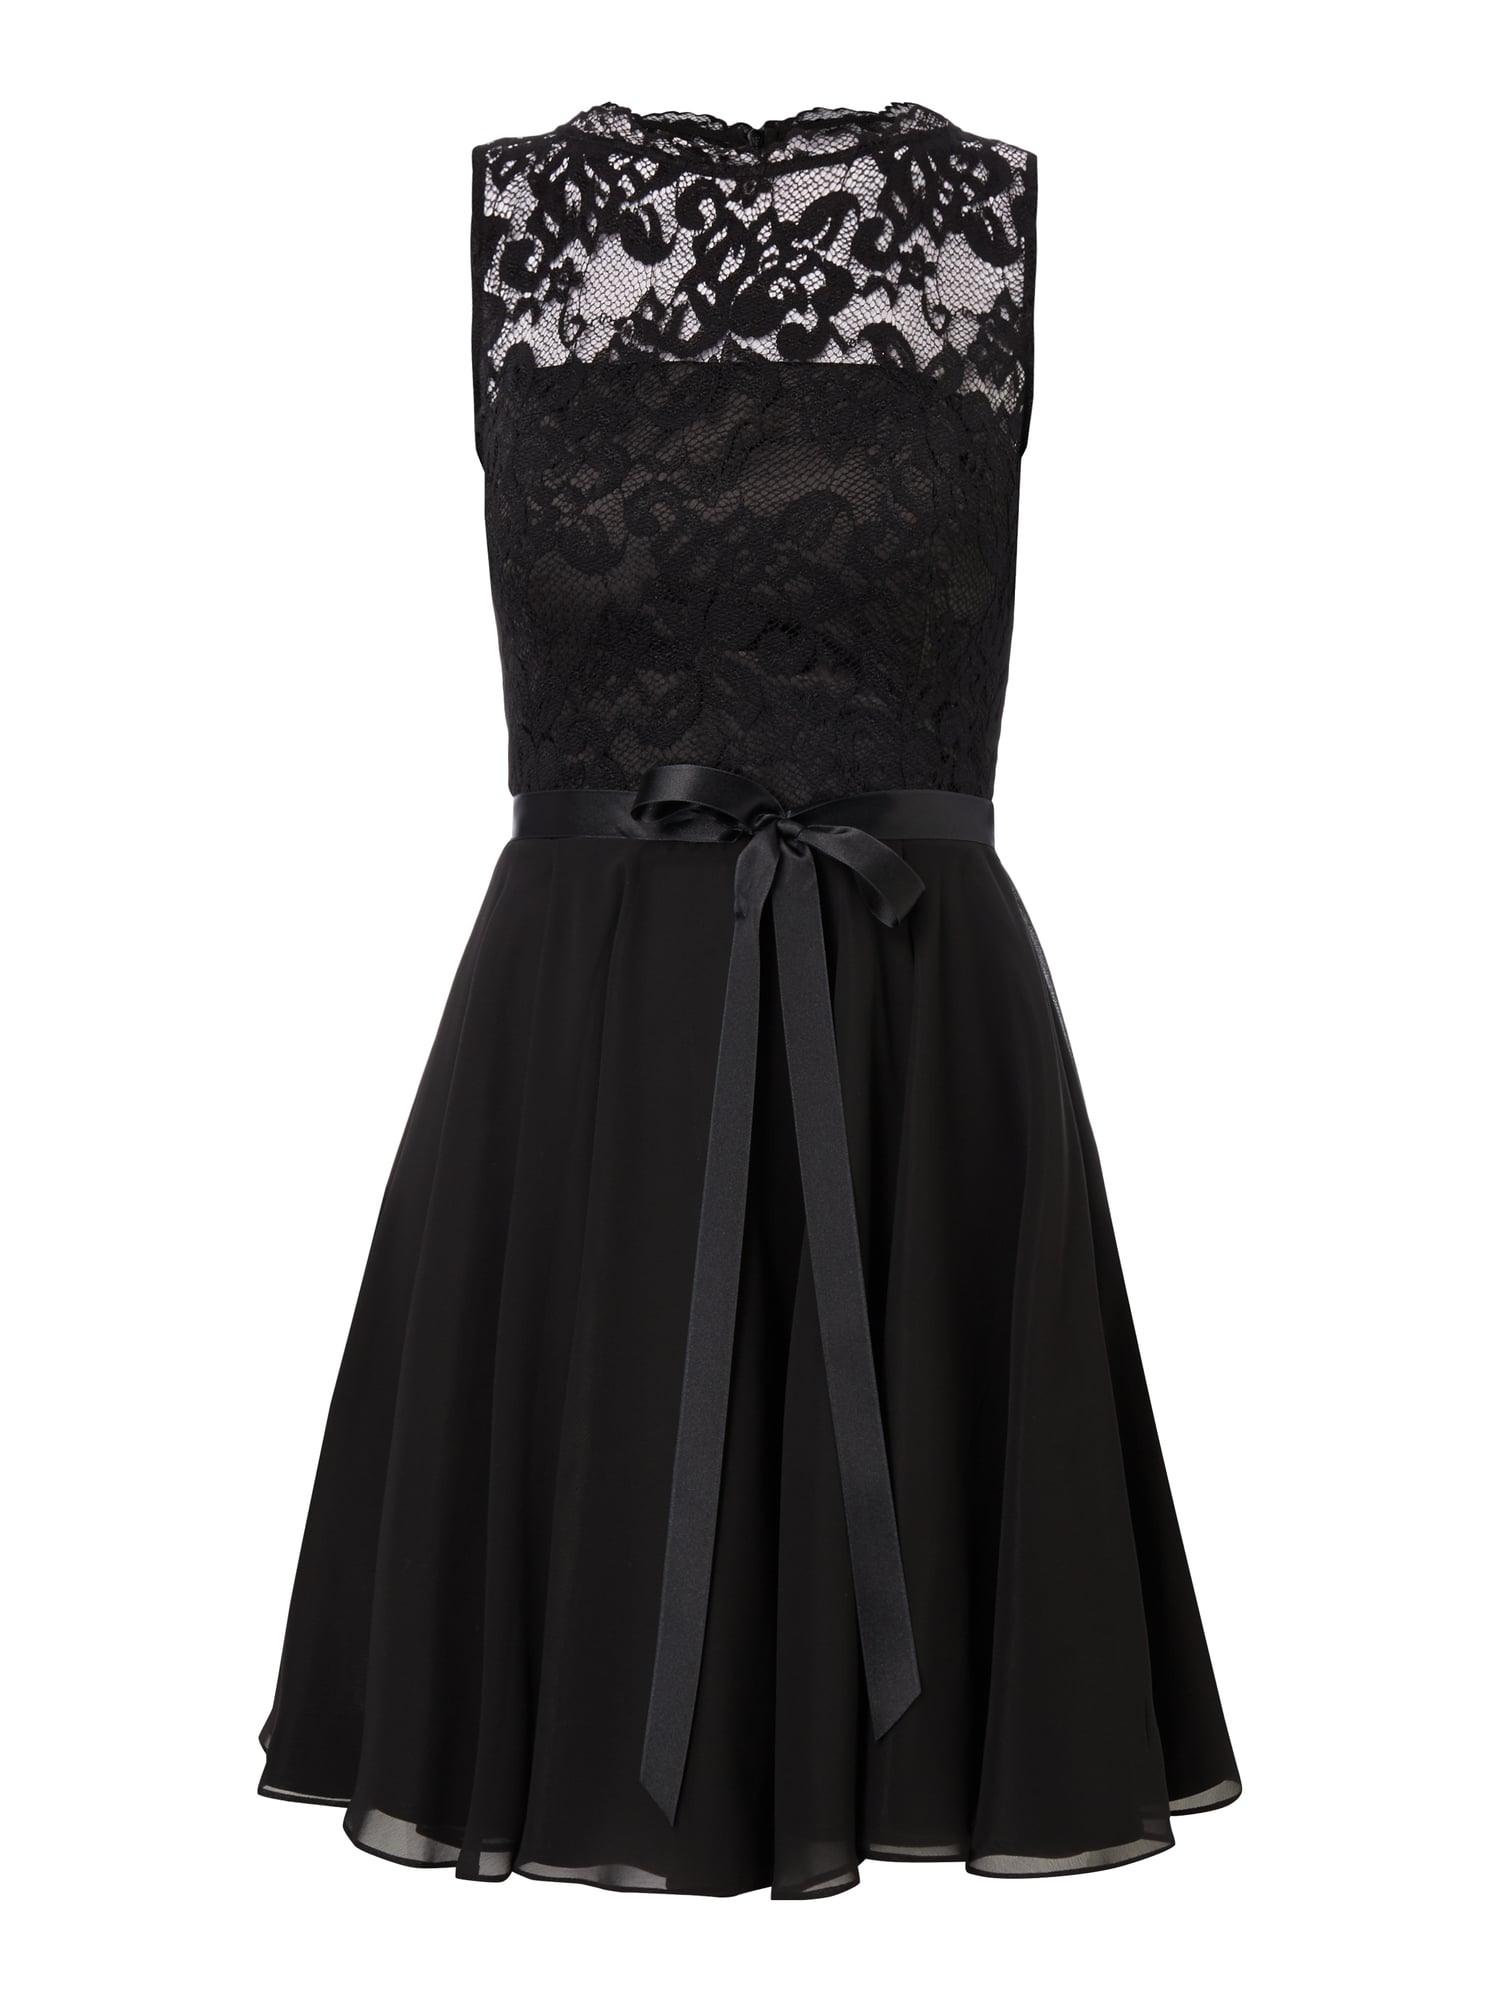 12 Elegant Schwarzes Kleid Spitze für 12 - Abendkleid